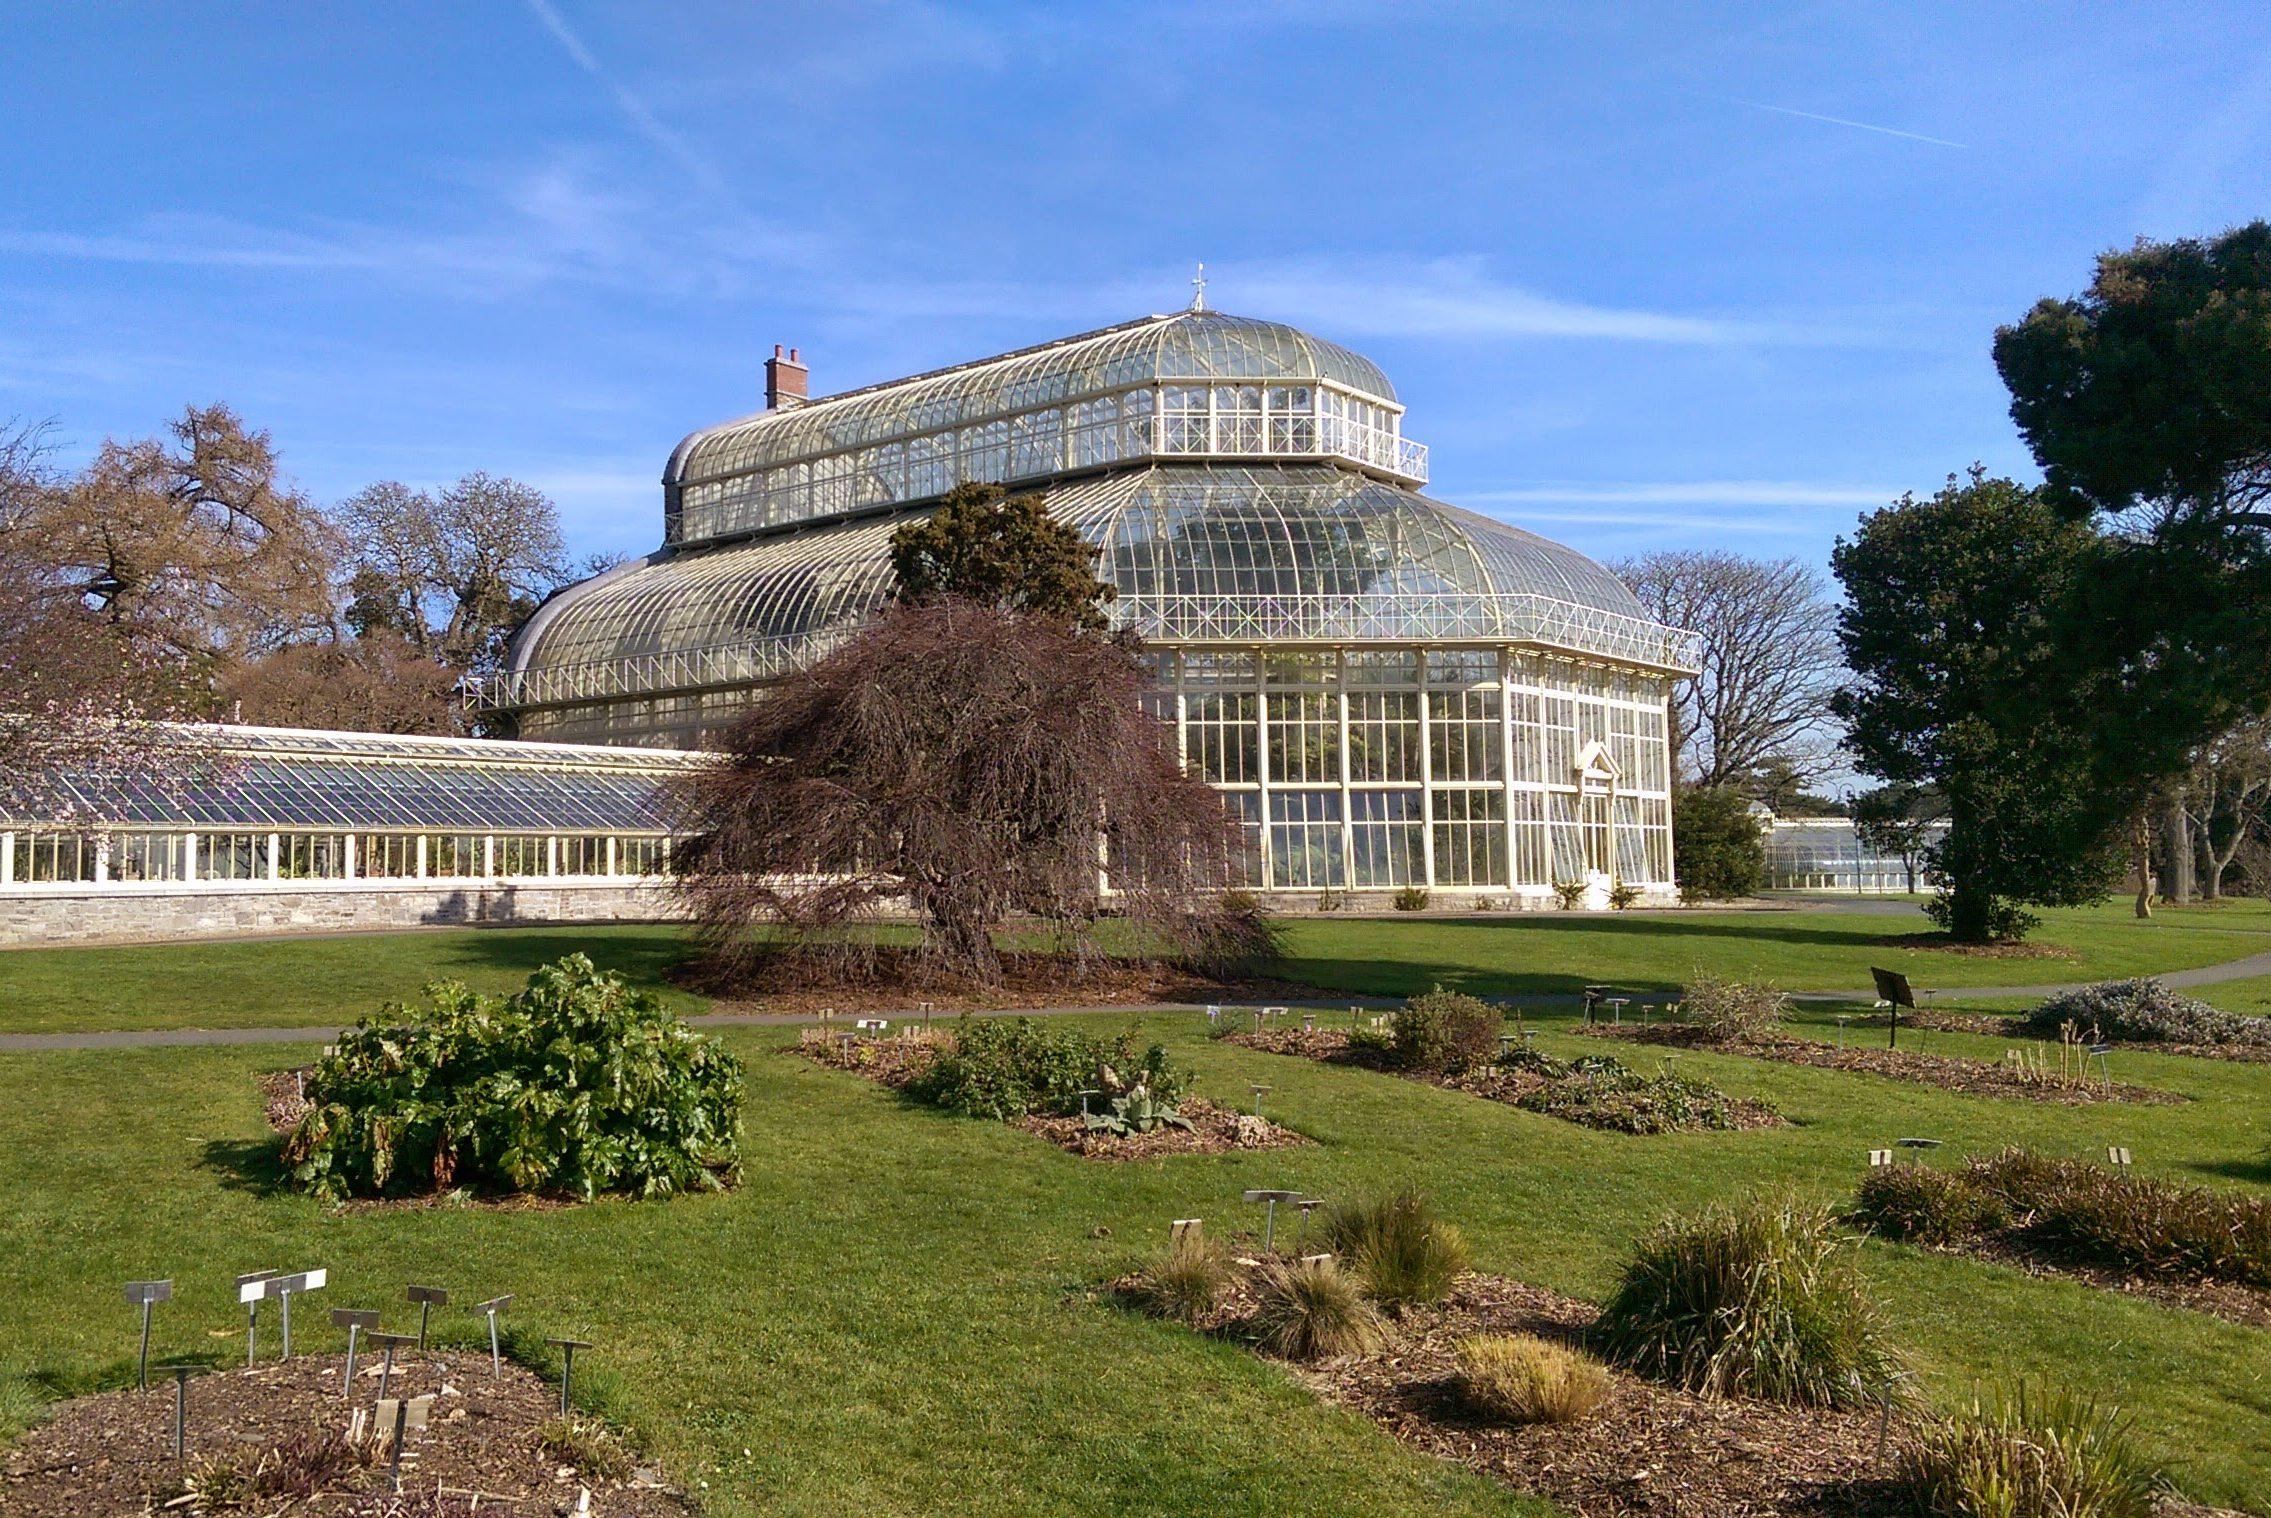 Explore The National Botanical Gardens